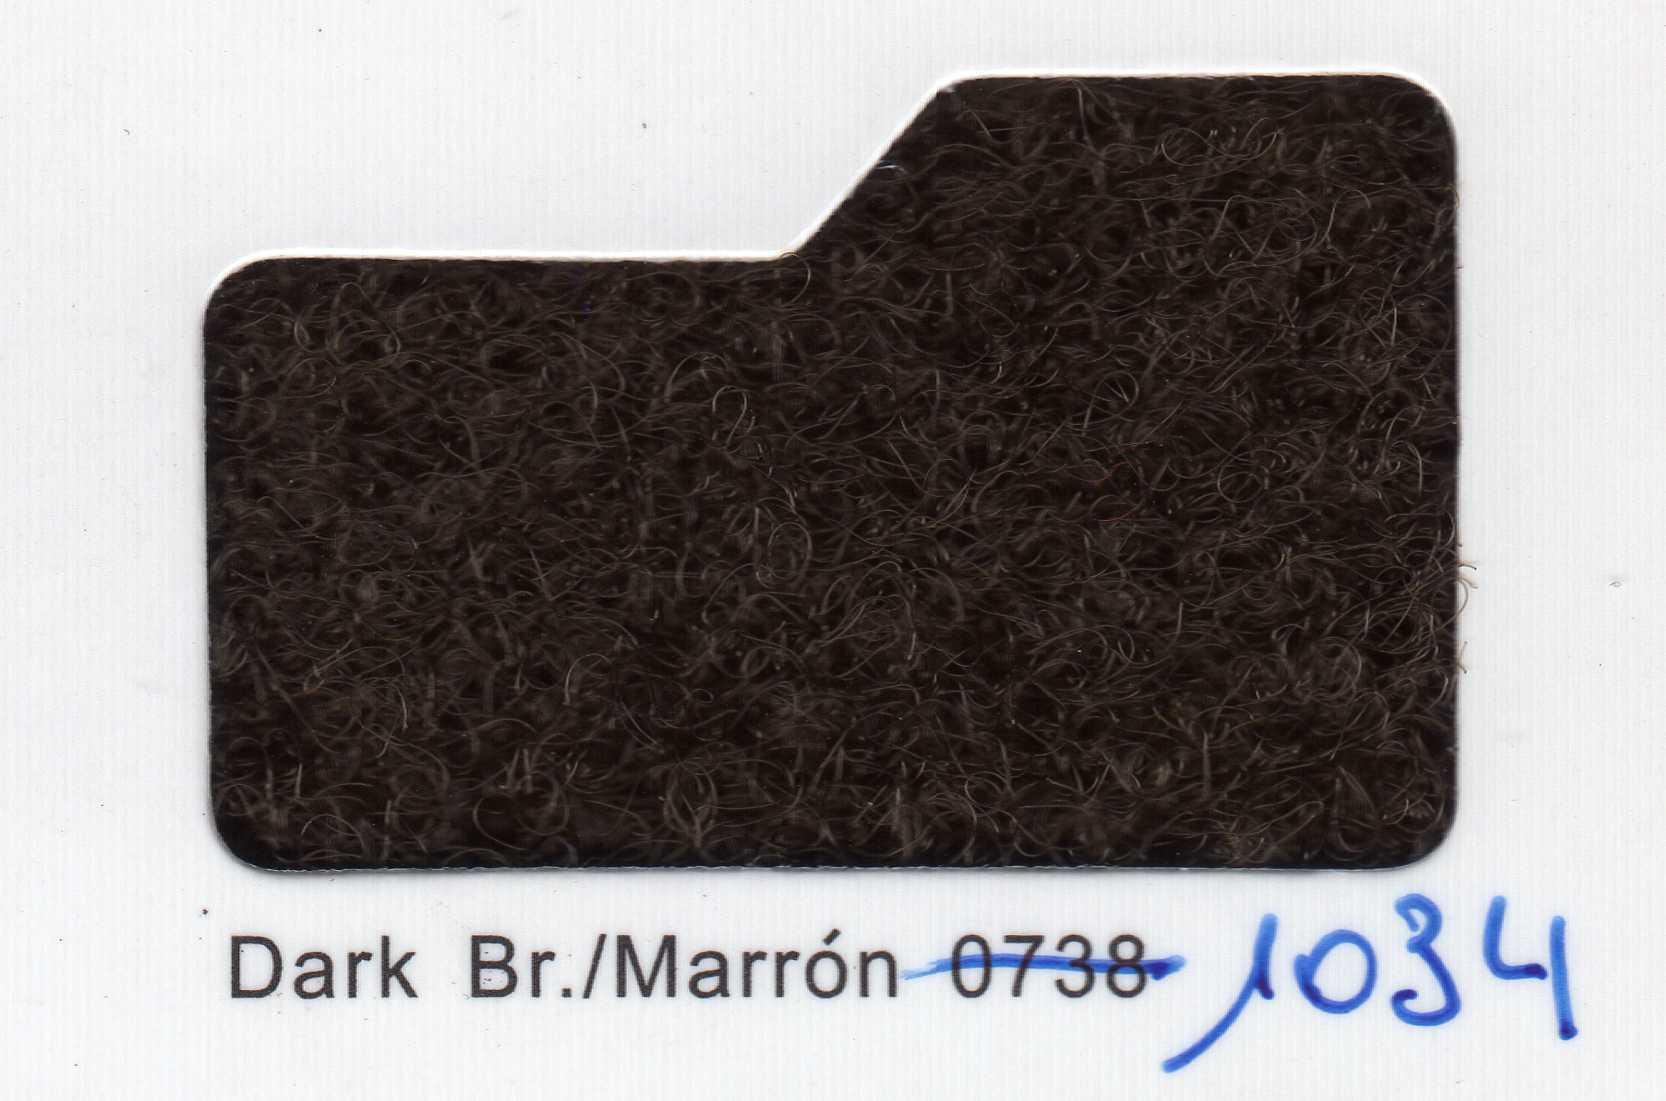 Cinta de cierre Velcro-Veraco 100mm Marrón 1034 (Gancho).